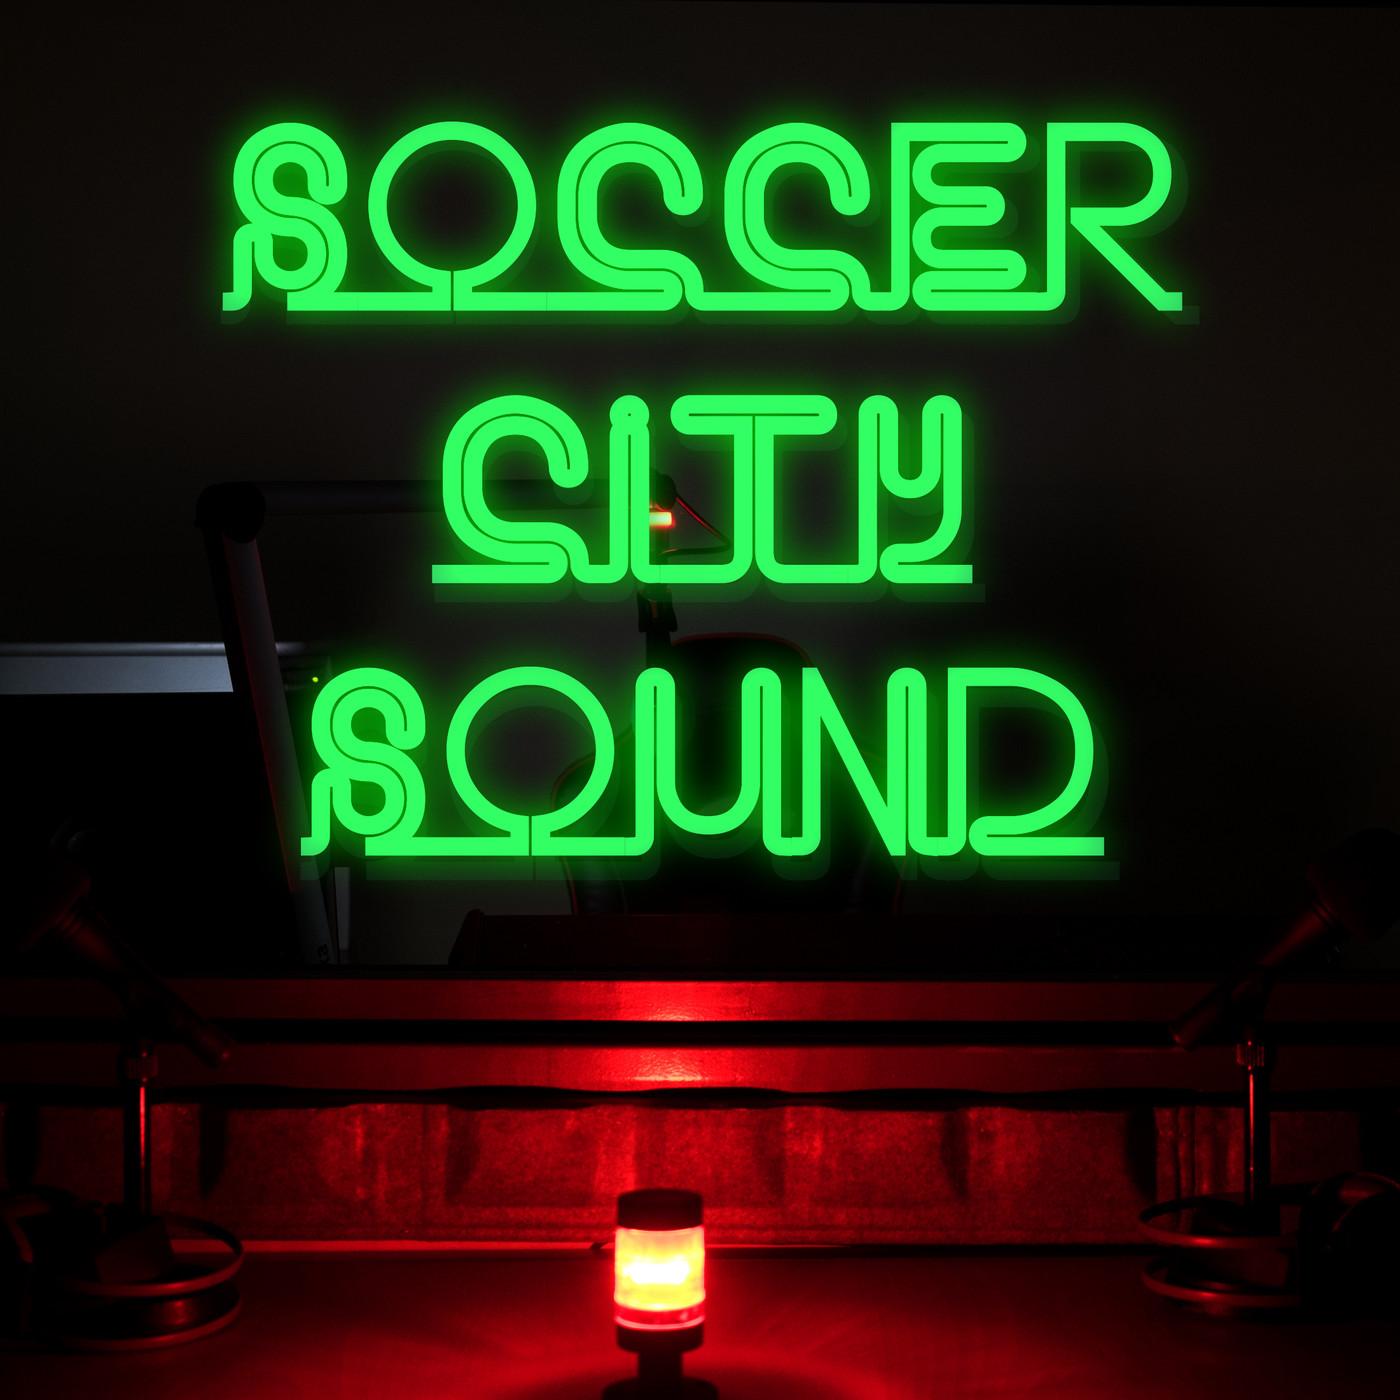 Soccer City Sound